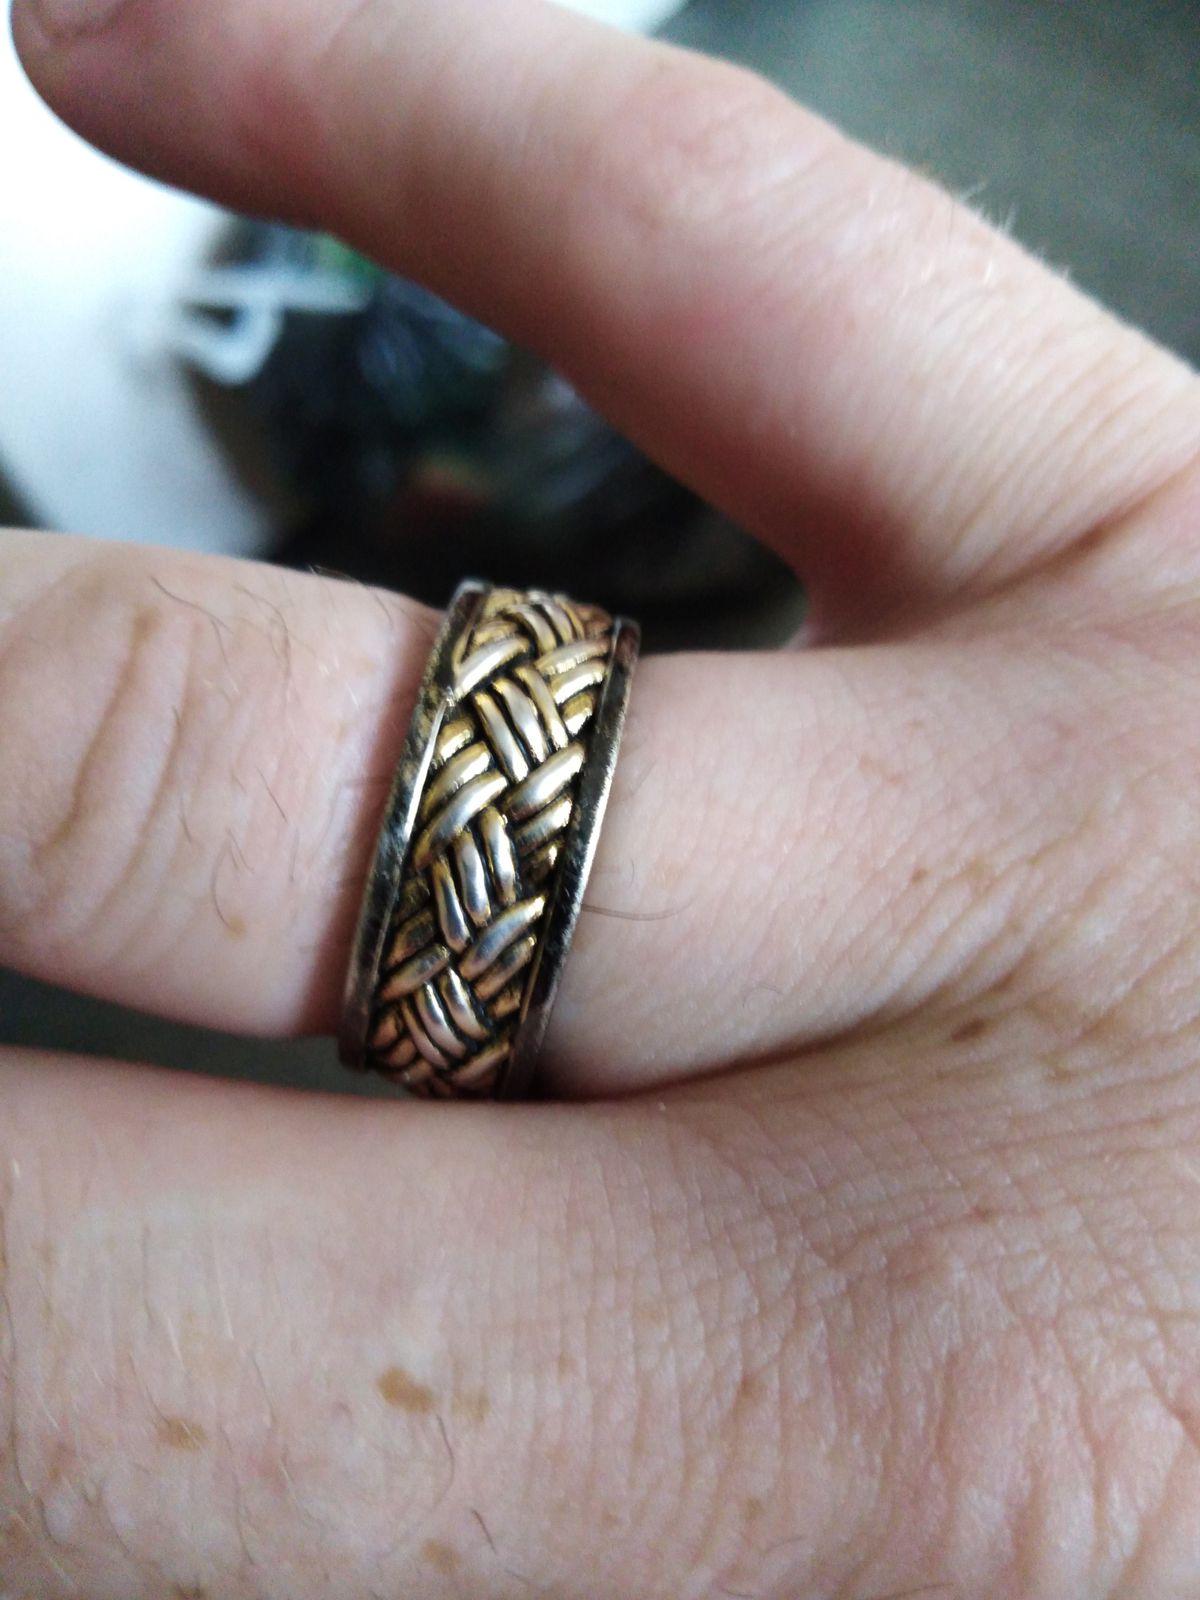 Кольцо серебряное, покрыто плетение золотой цвет а края чёрный цвет.